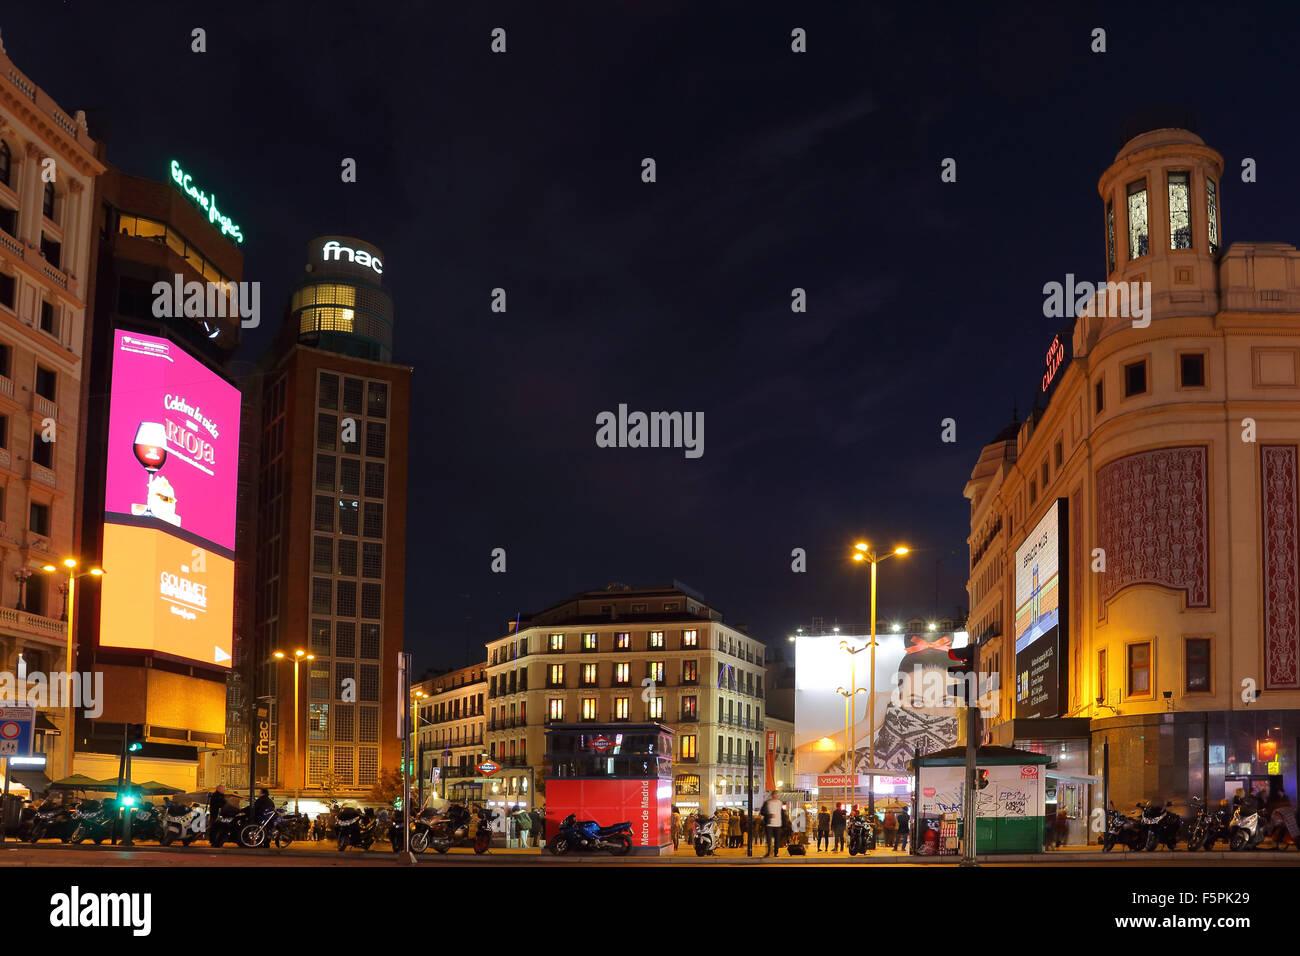 Notte foto di Plaza Callao di Madrid con il cine Callao, FNAC, e El Corte Inglés edifici. Immagini Stock